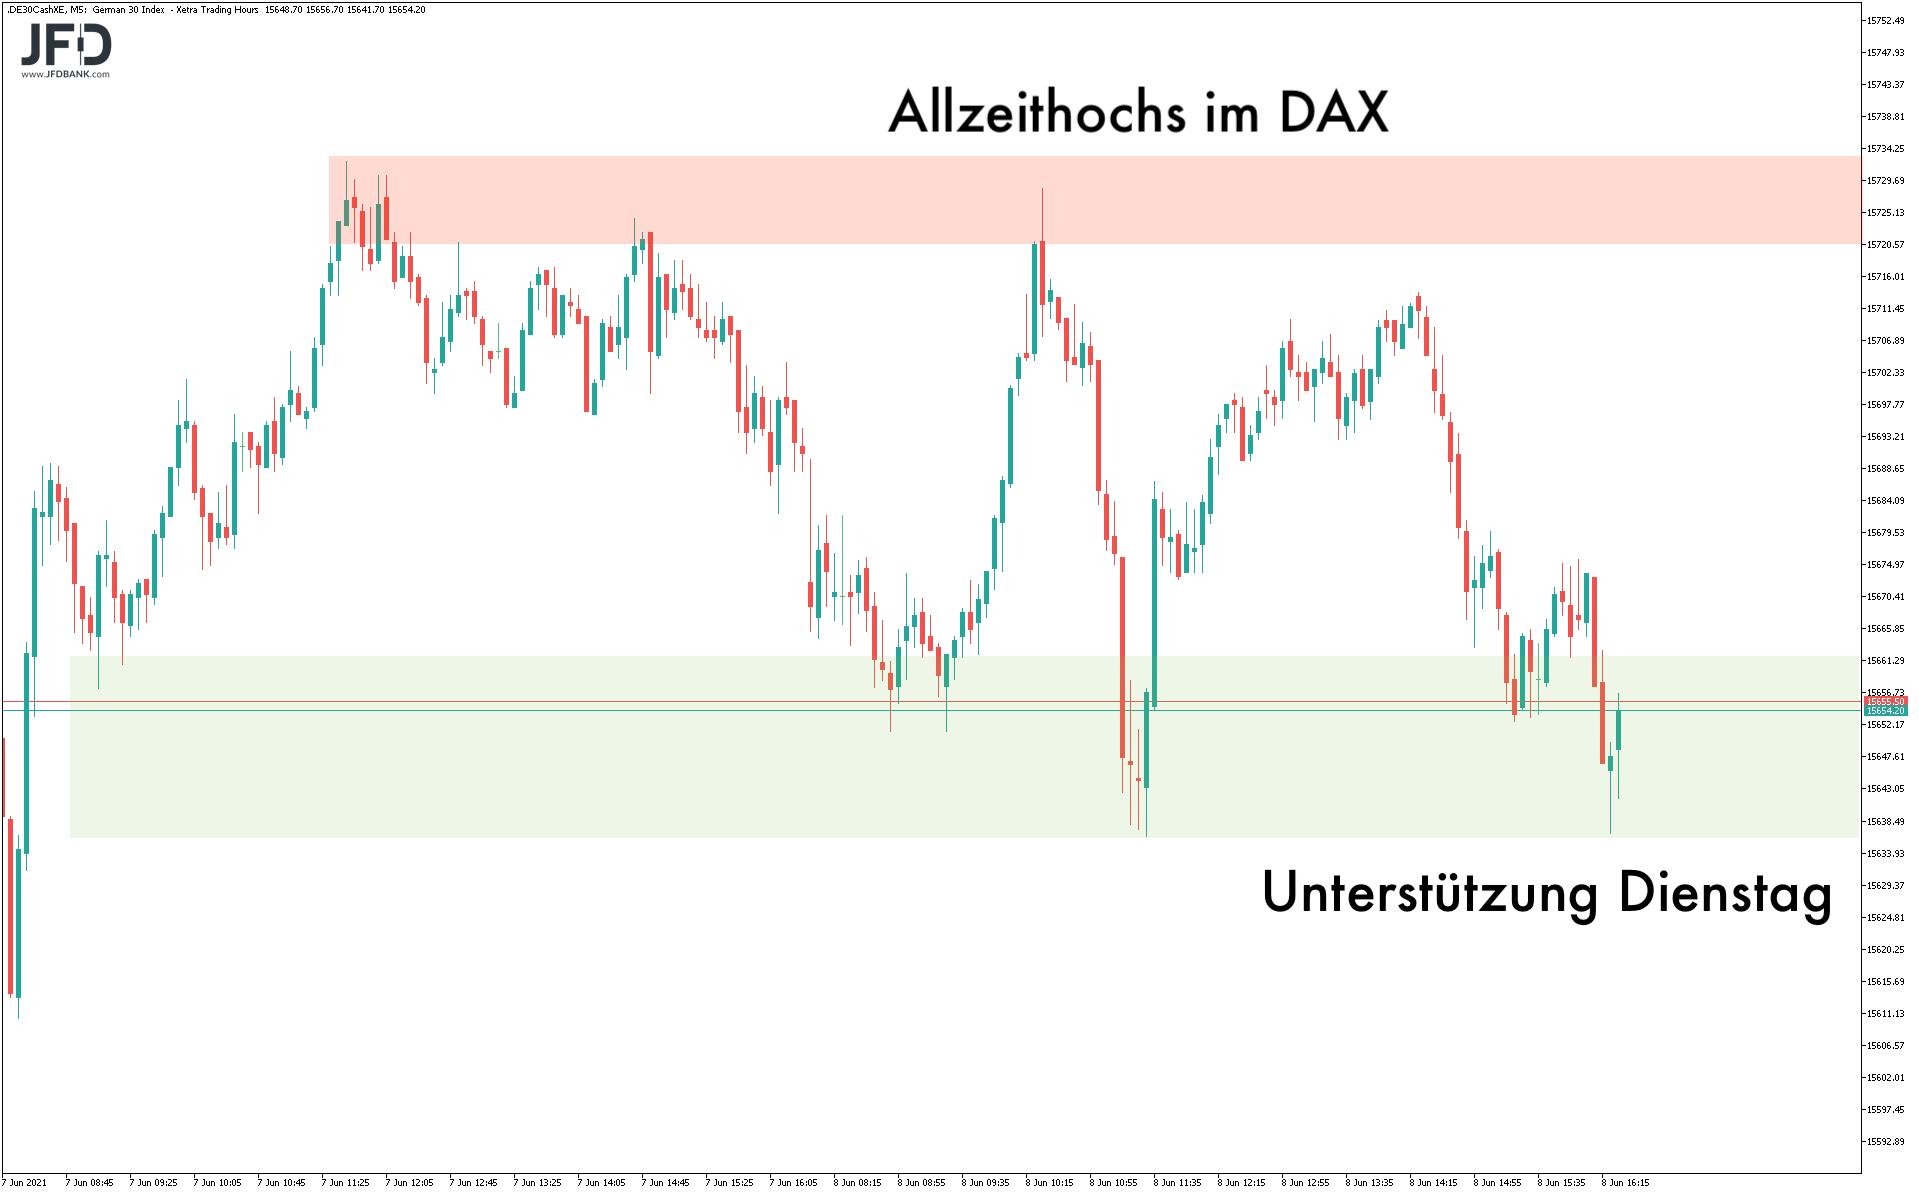 Erneut-ein-Rekord-im-DAX-an-einem-Montag-Kommentar-JFD-Bank-GodmodeTrader.de-5